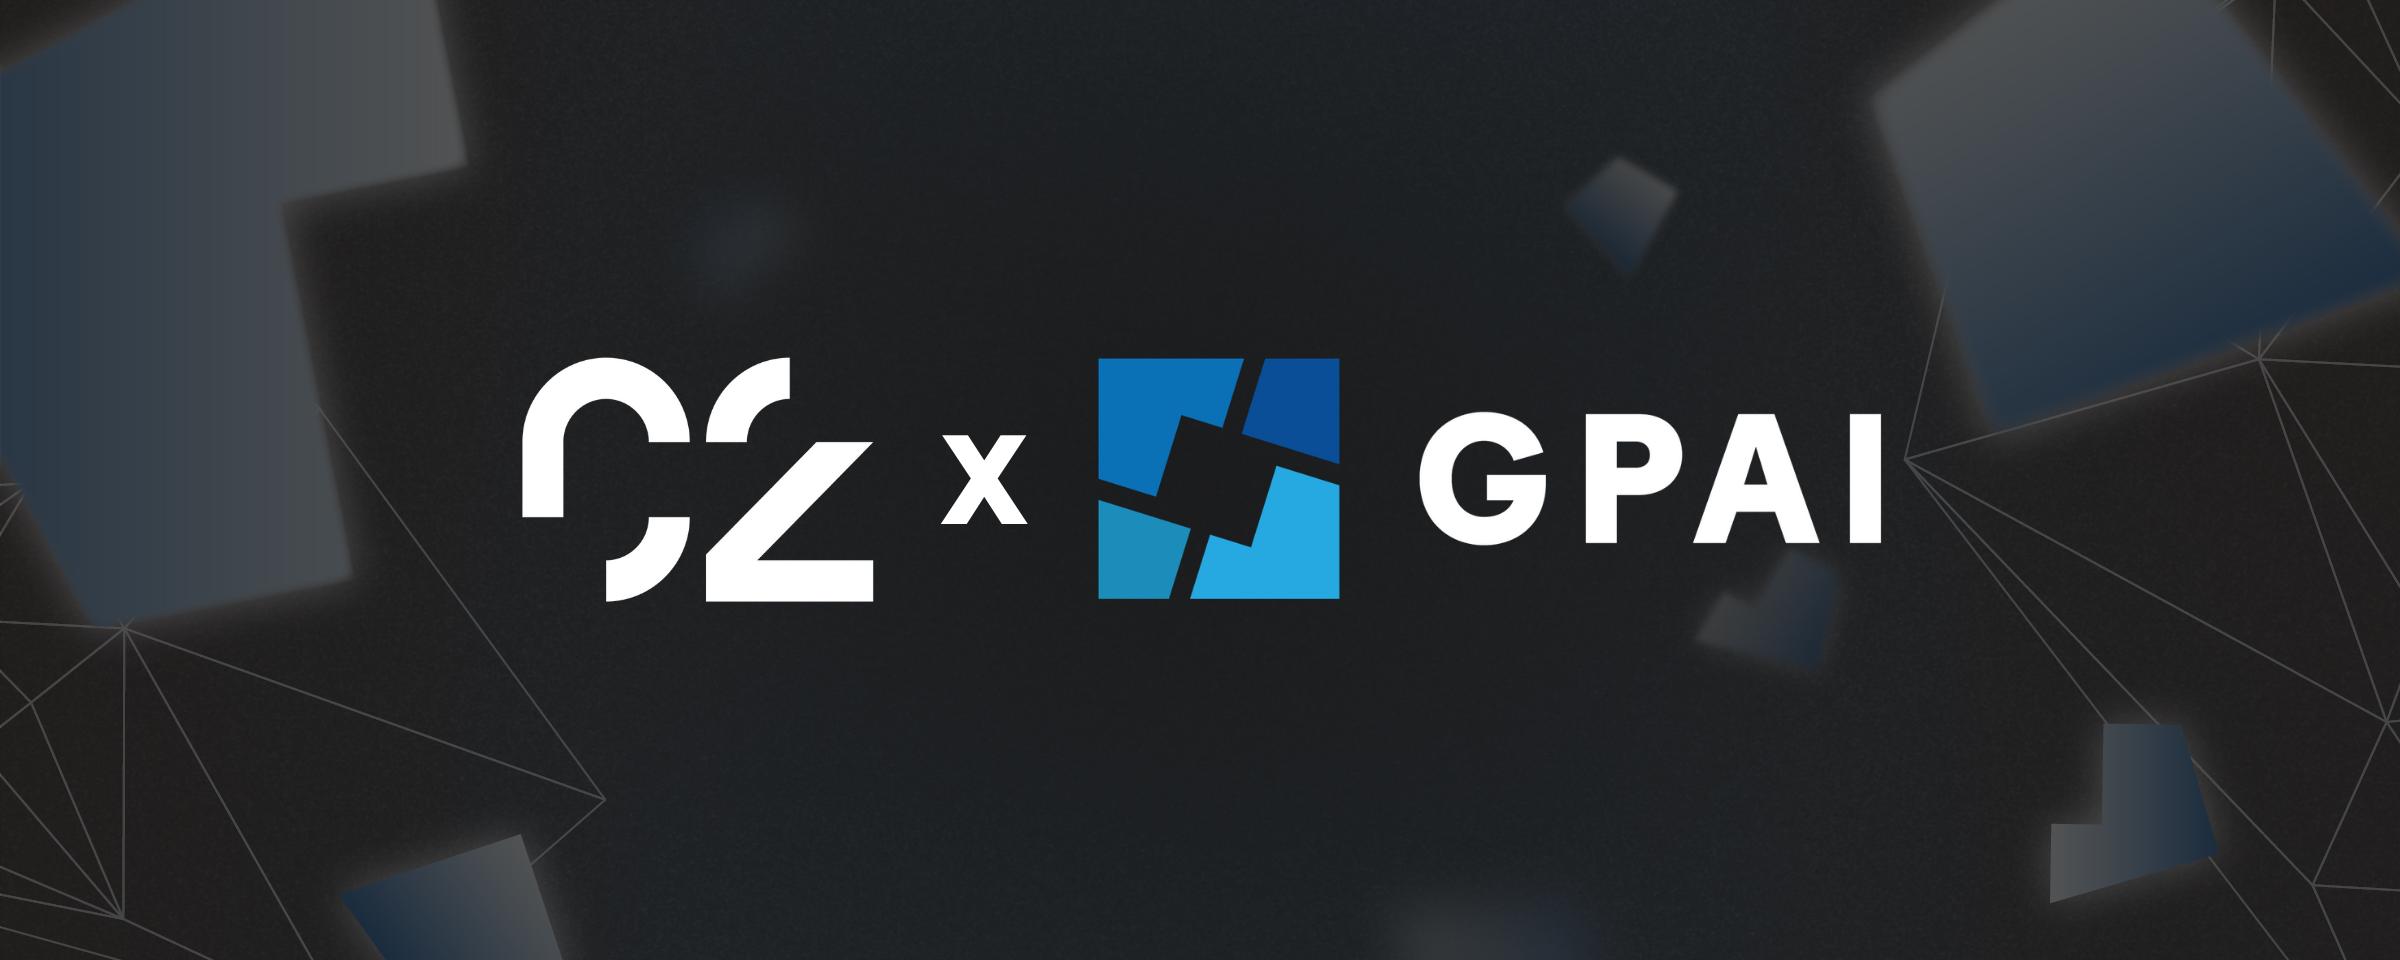 banner C2I and GPAI